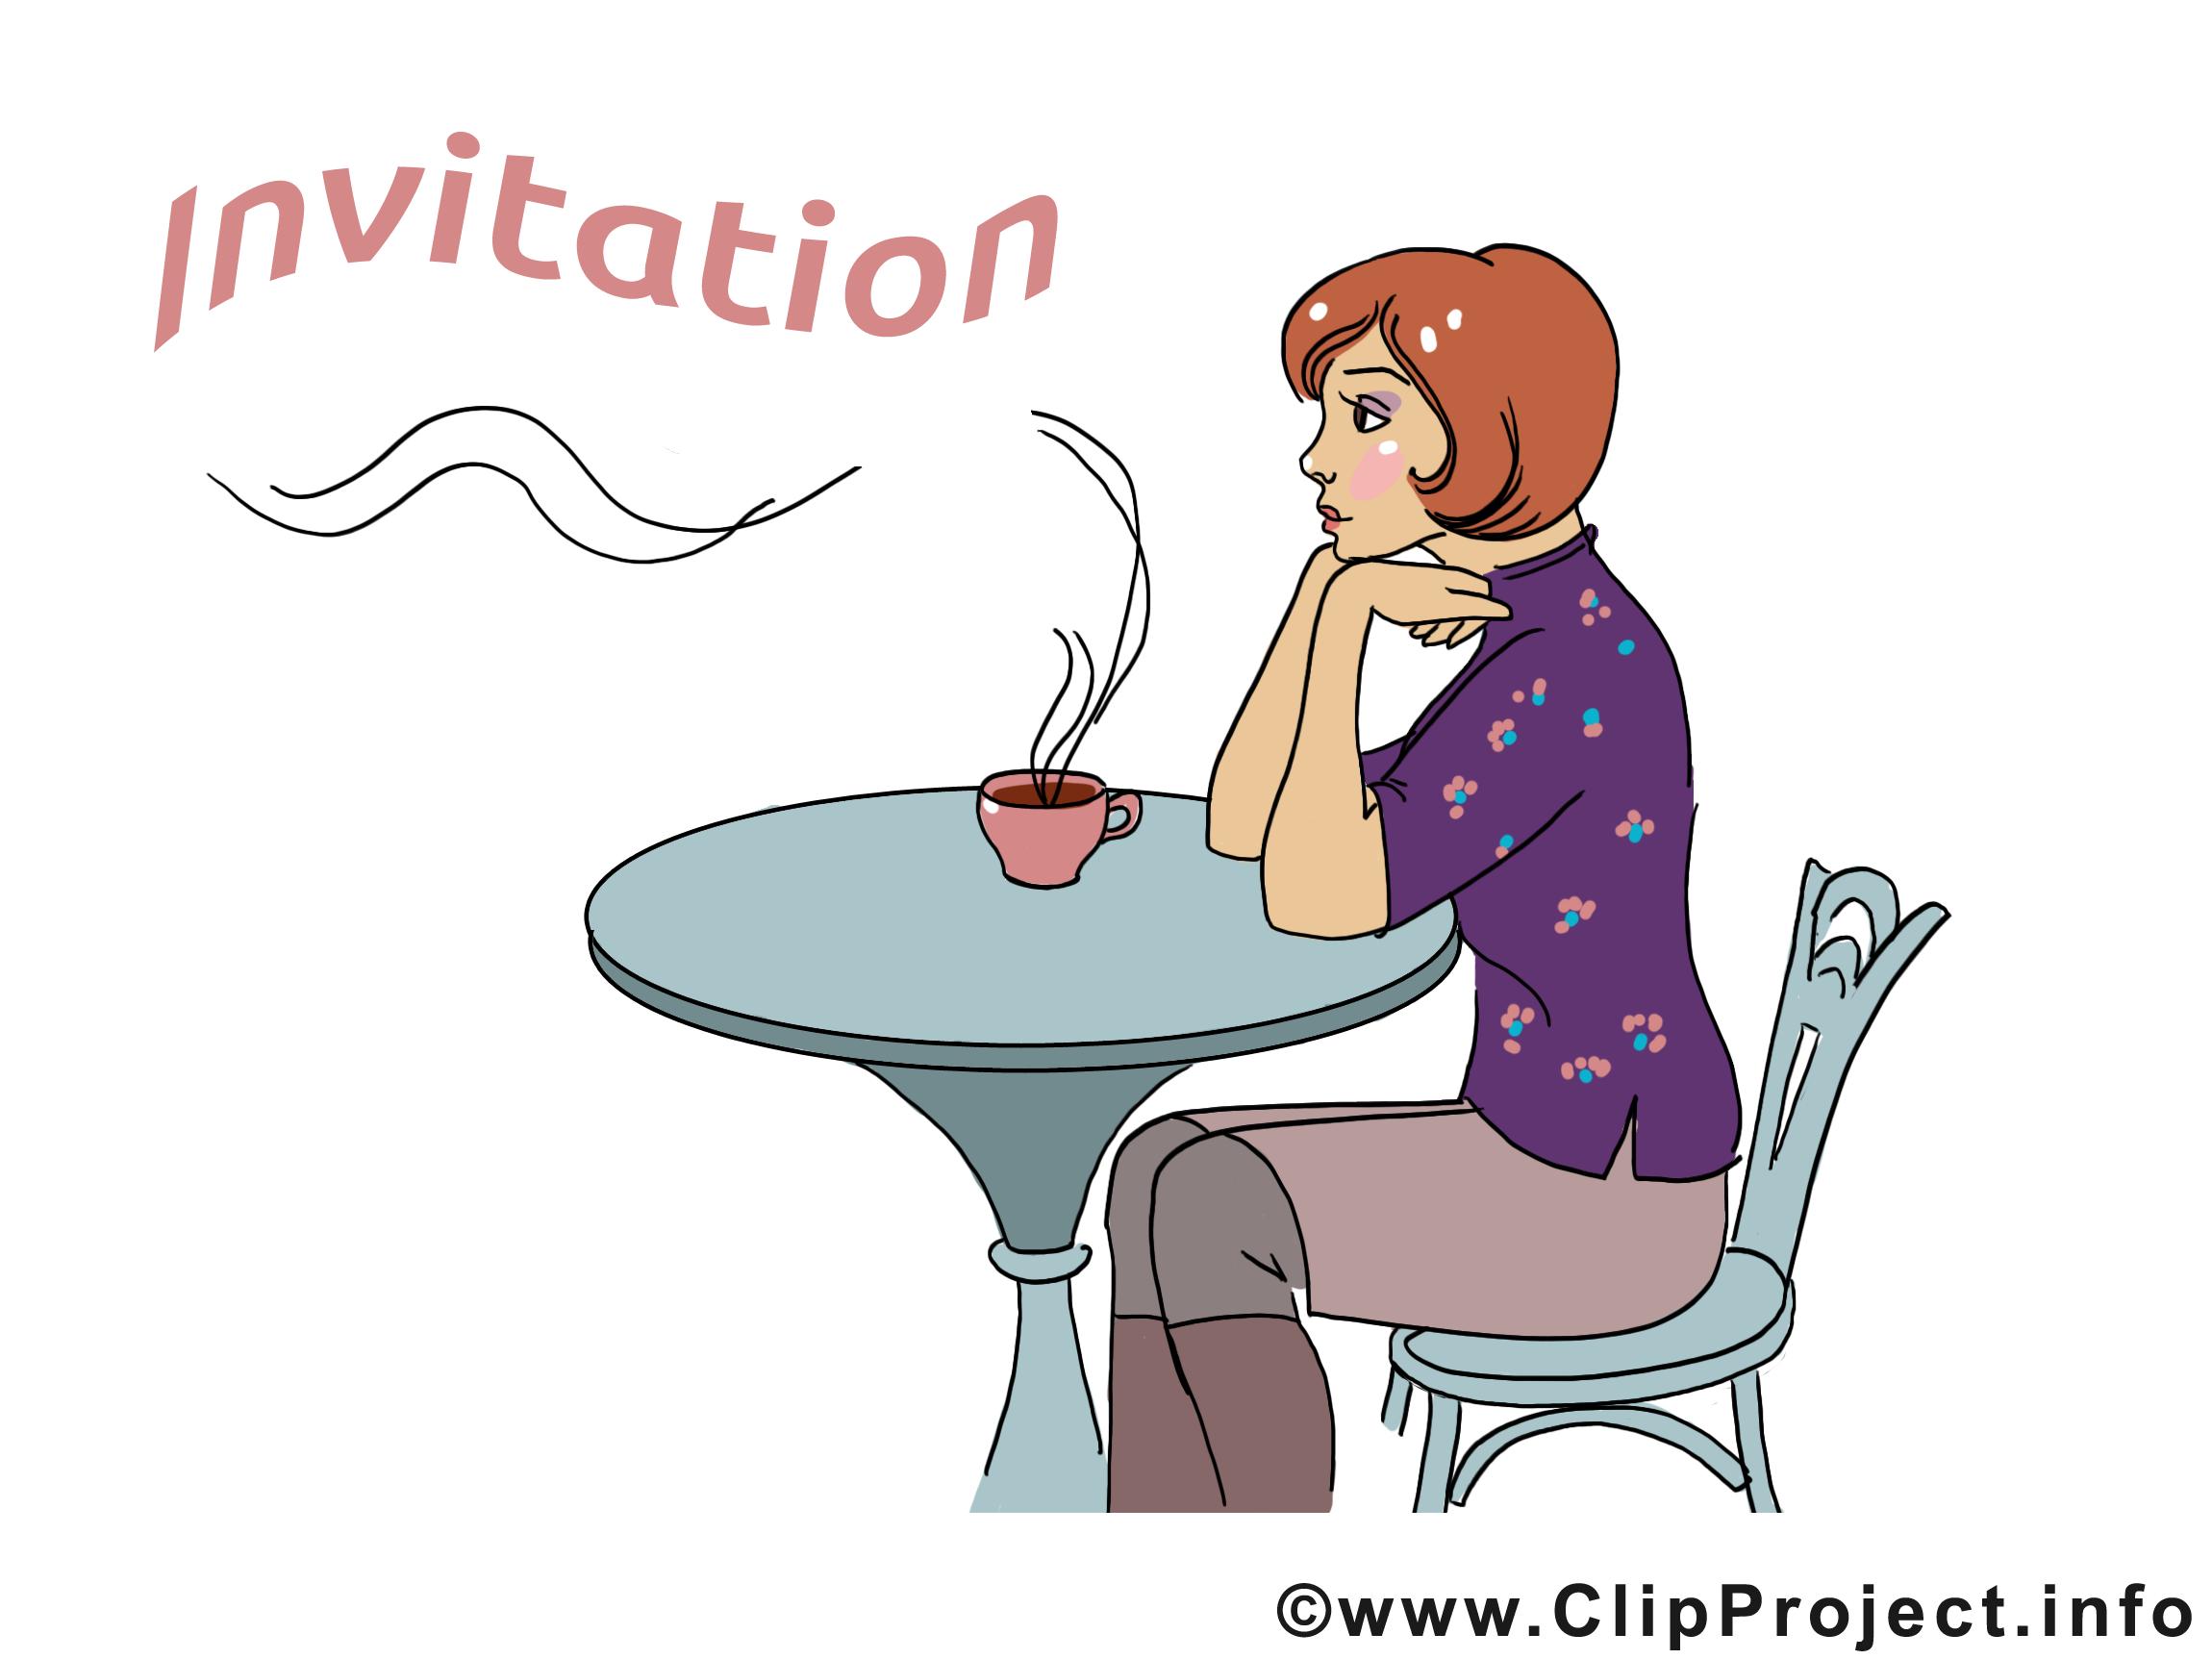 Café image à télécharger - Invitation clipart